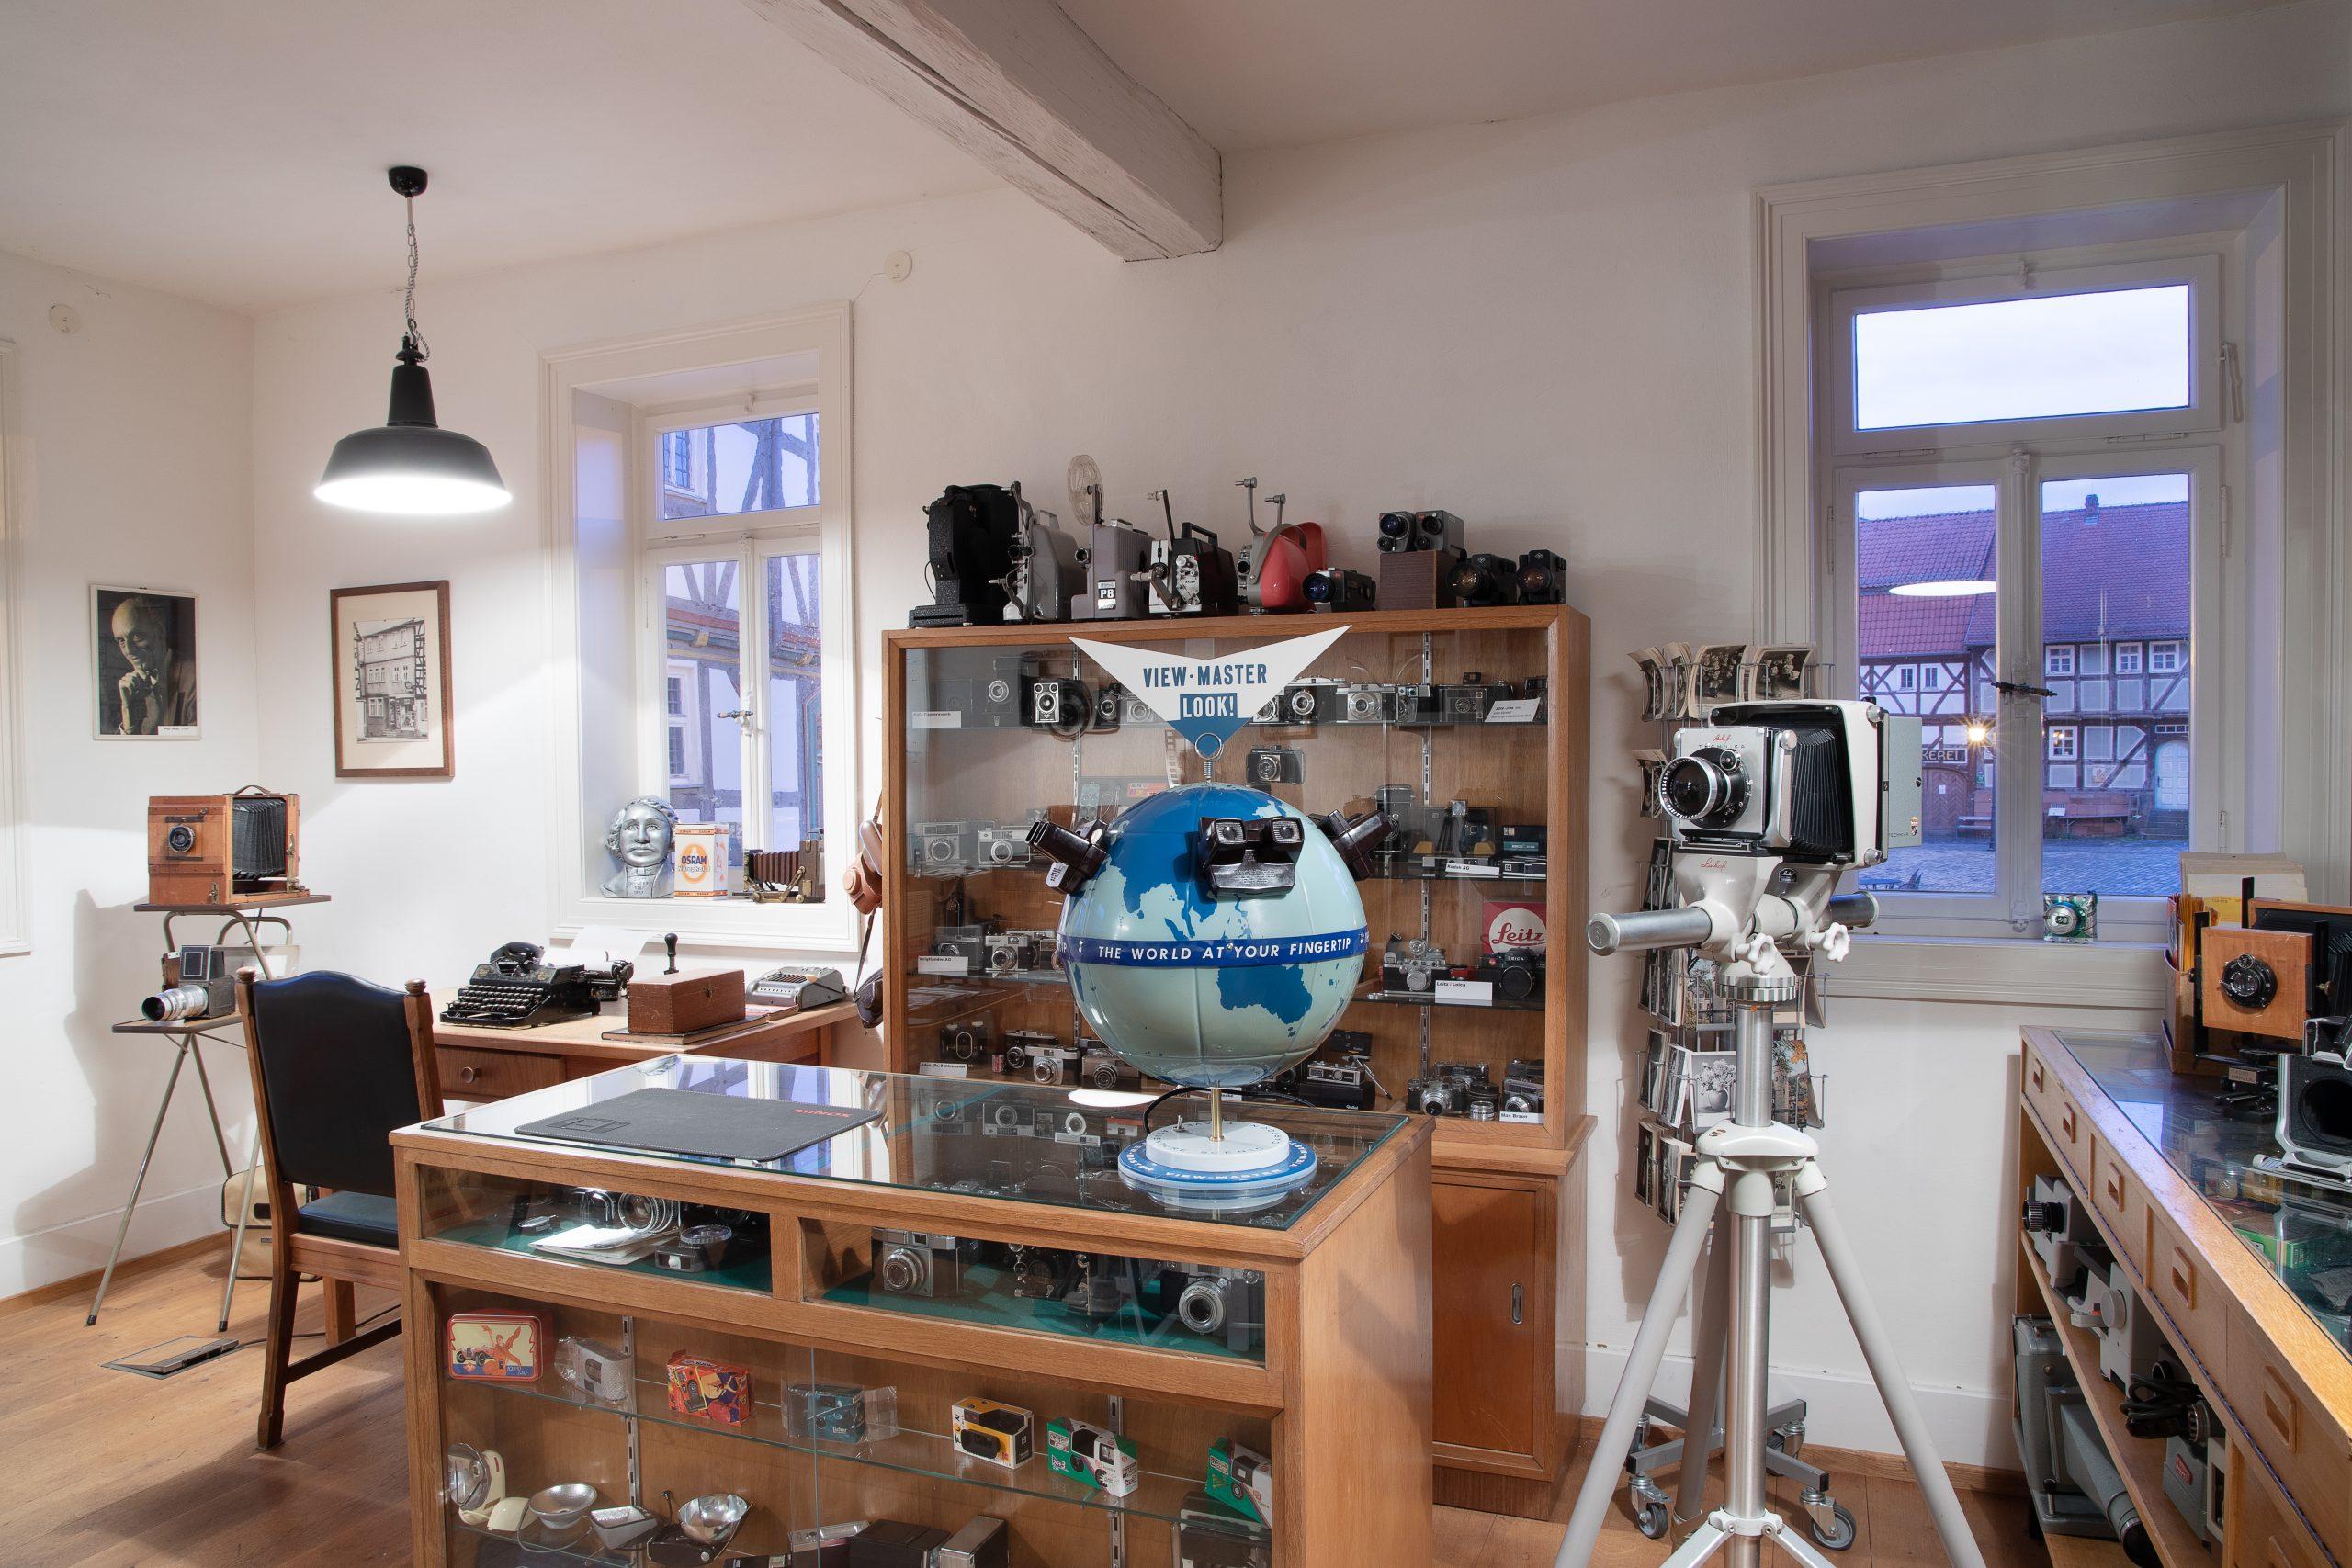 Bild 3 - Fotogeschäft - Erdgeschoss